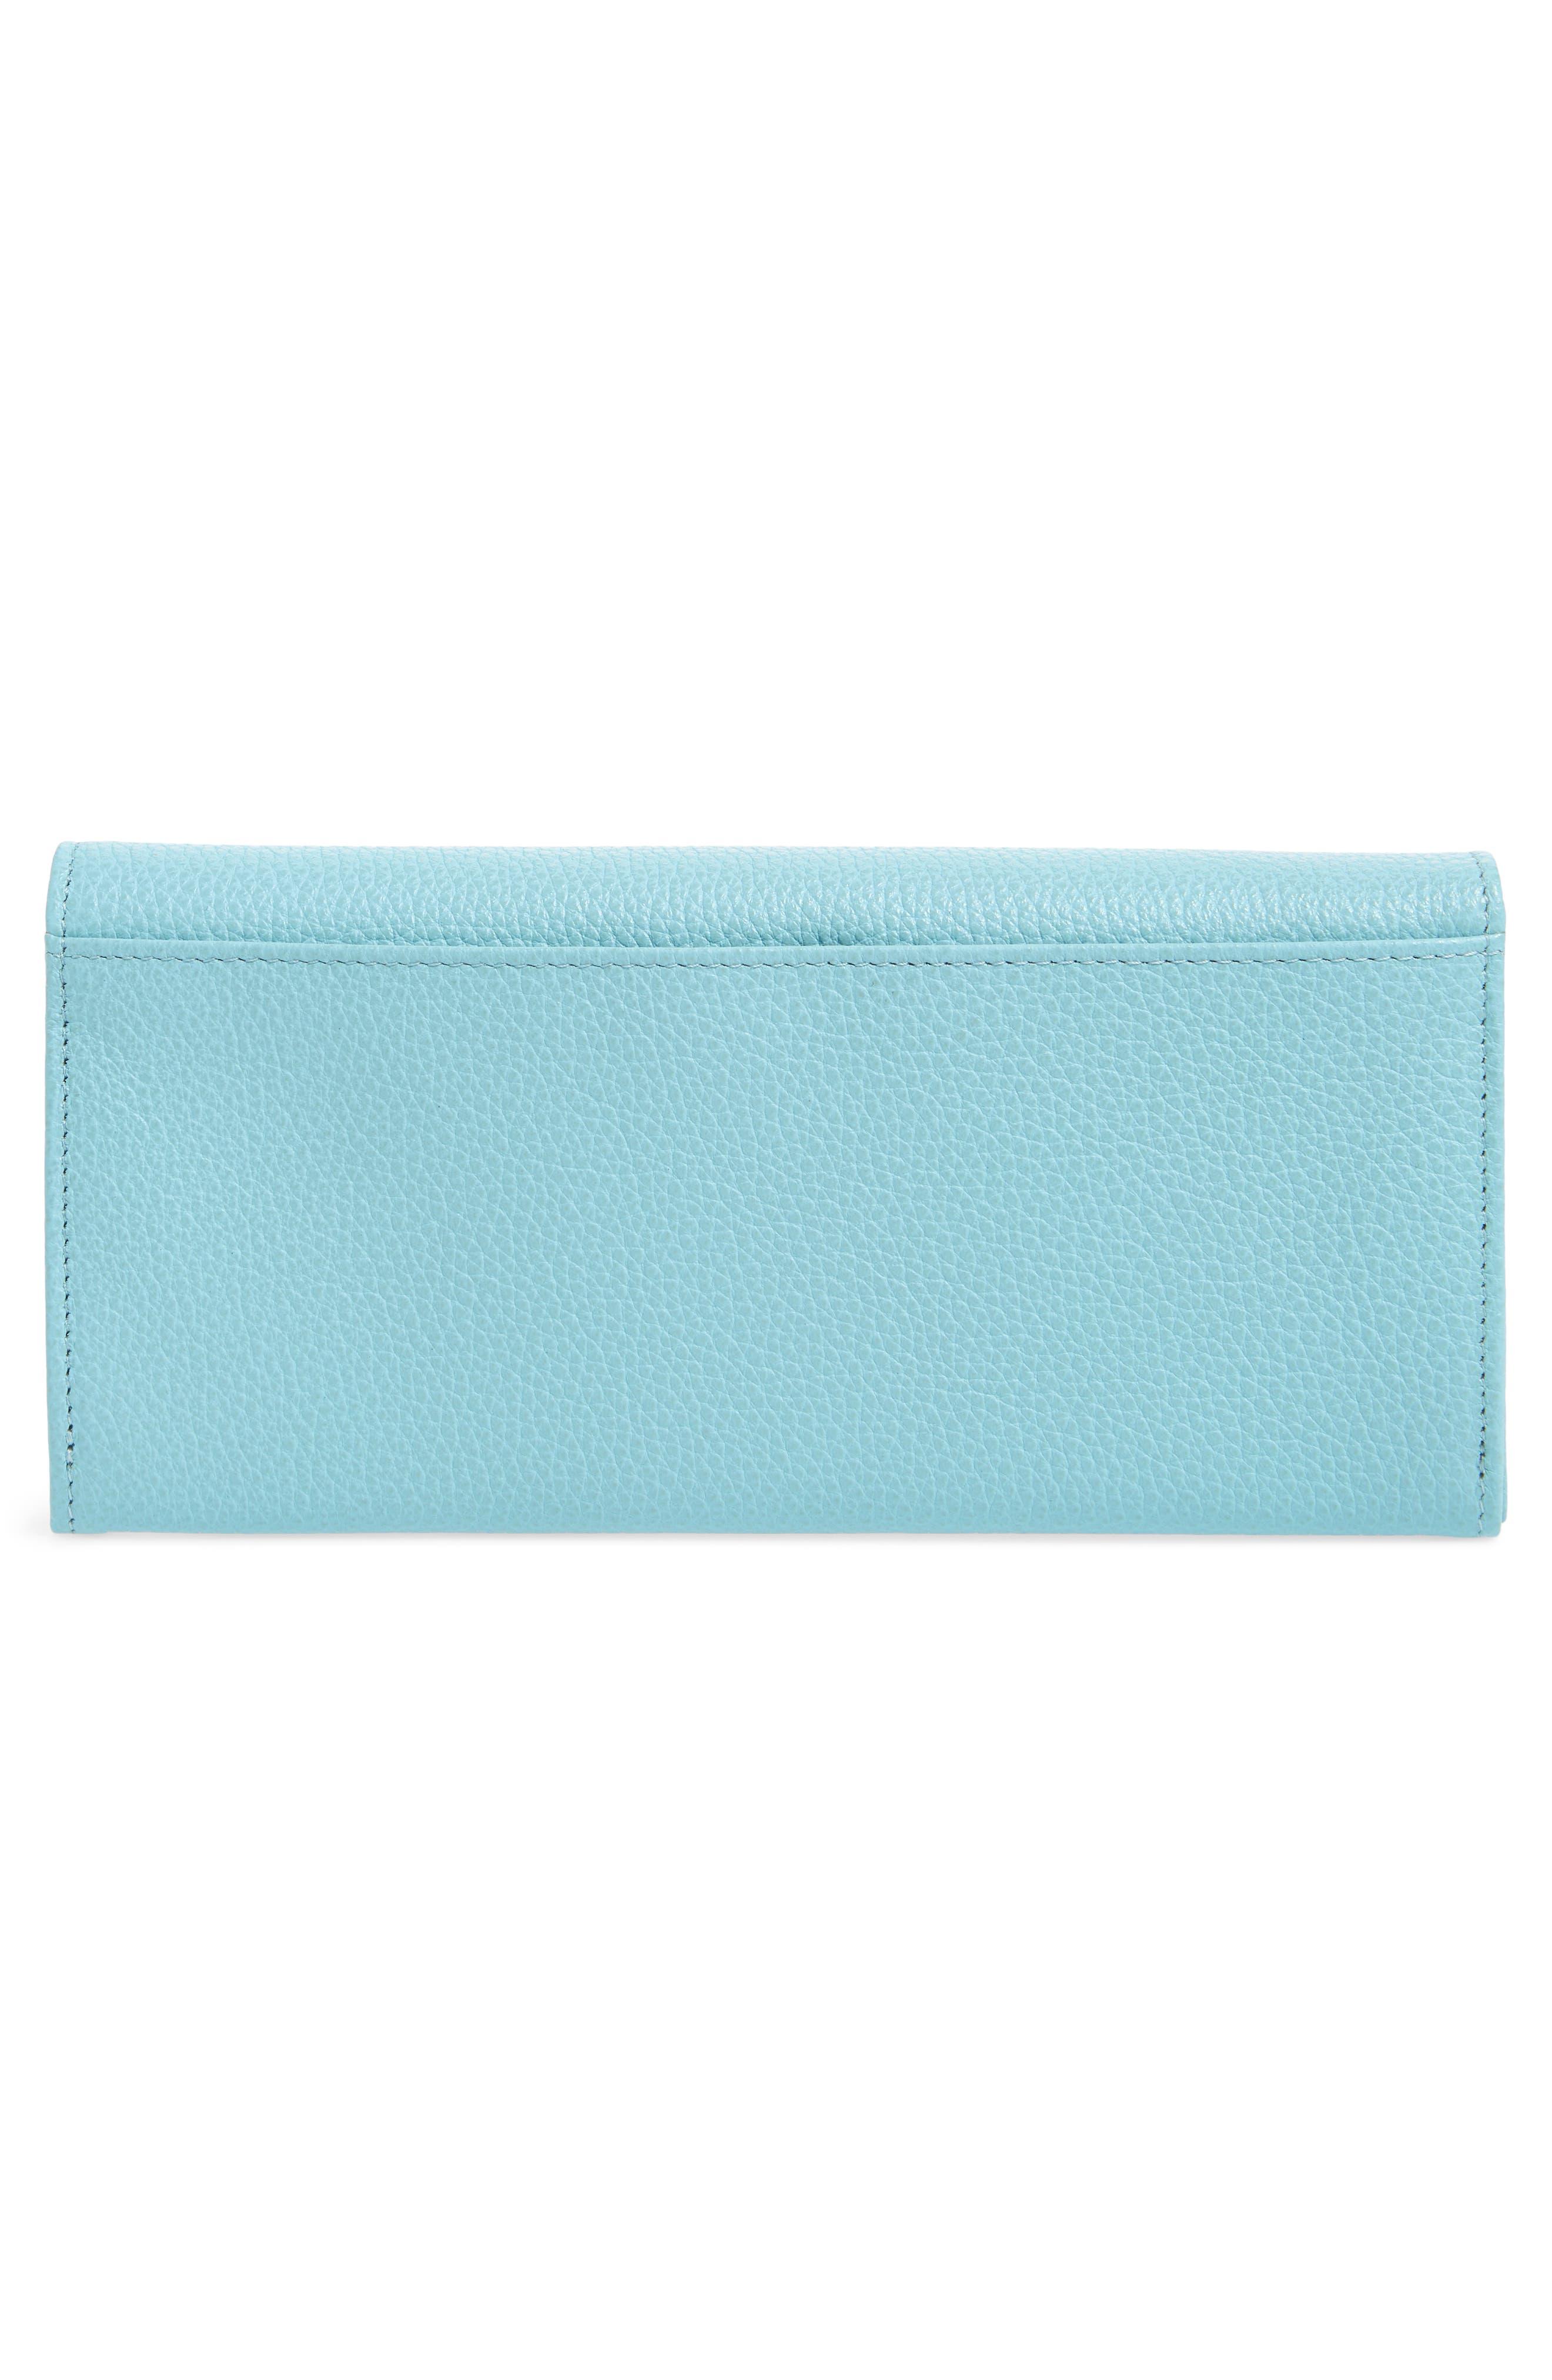 'Veau' Continental Wallet,                             Alternate thumbnail 4, color,                             Aqua